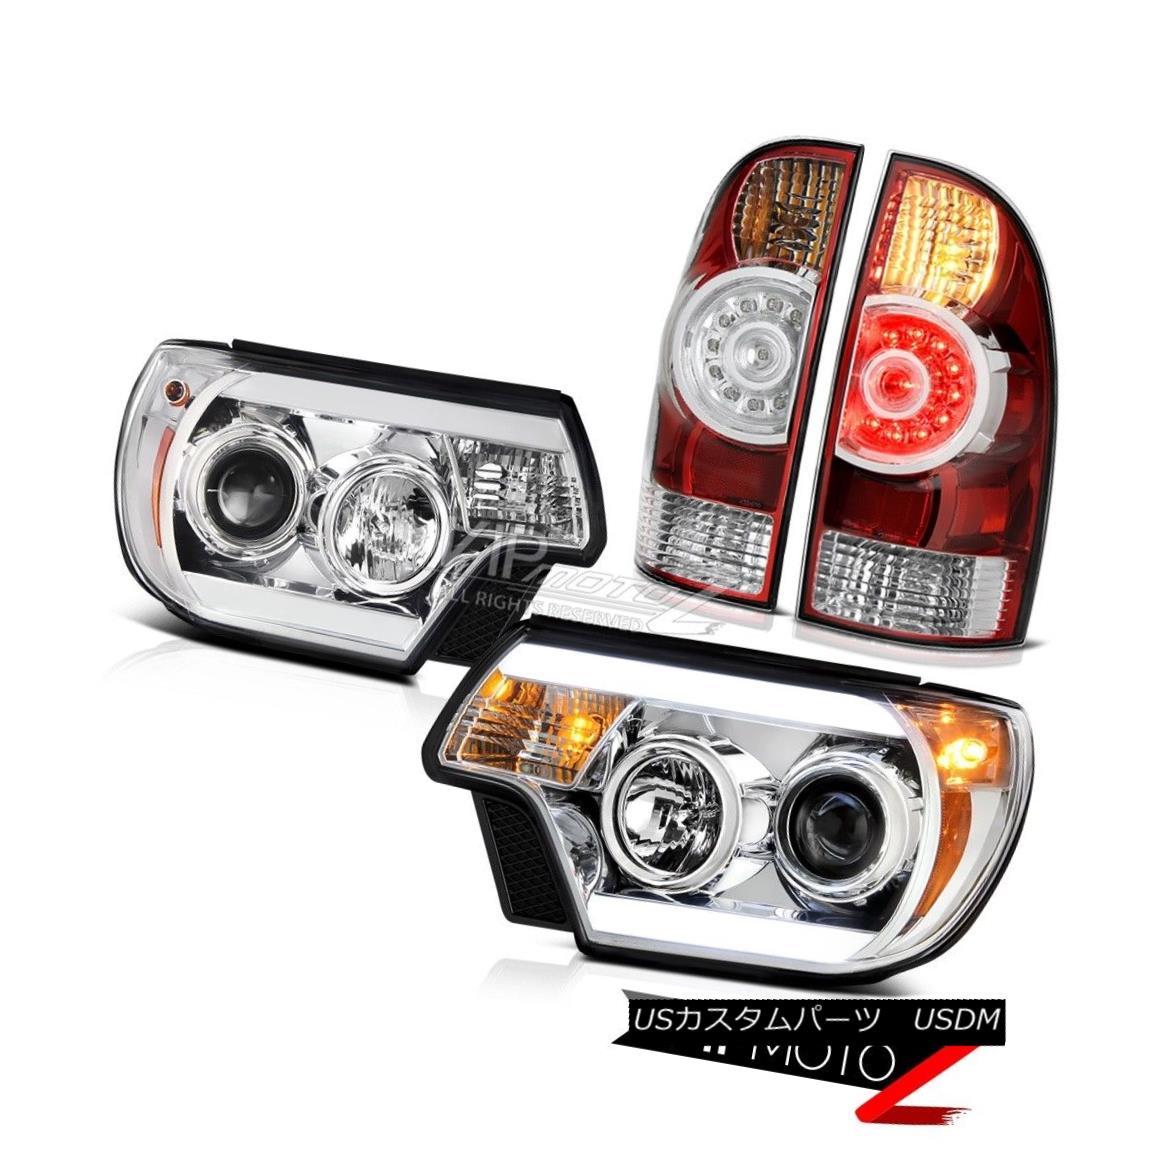 ヘッドライト 2012-2015 Toyota Tacoma 4WD Euro clear projector headlights rosso red tail lamps 2012-2015トヨタタコマ4WDユーロクリアプロジェクターヘッドライトロッソレッドテールランプ